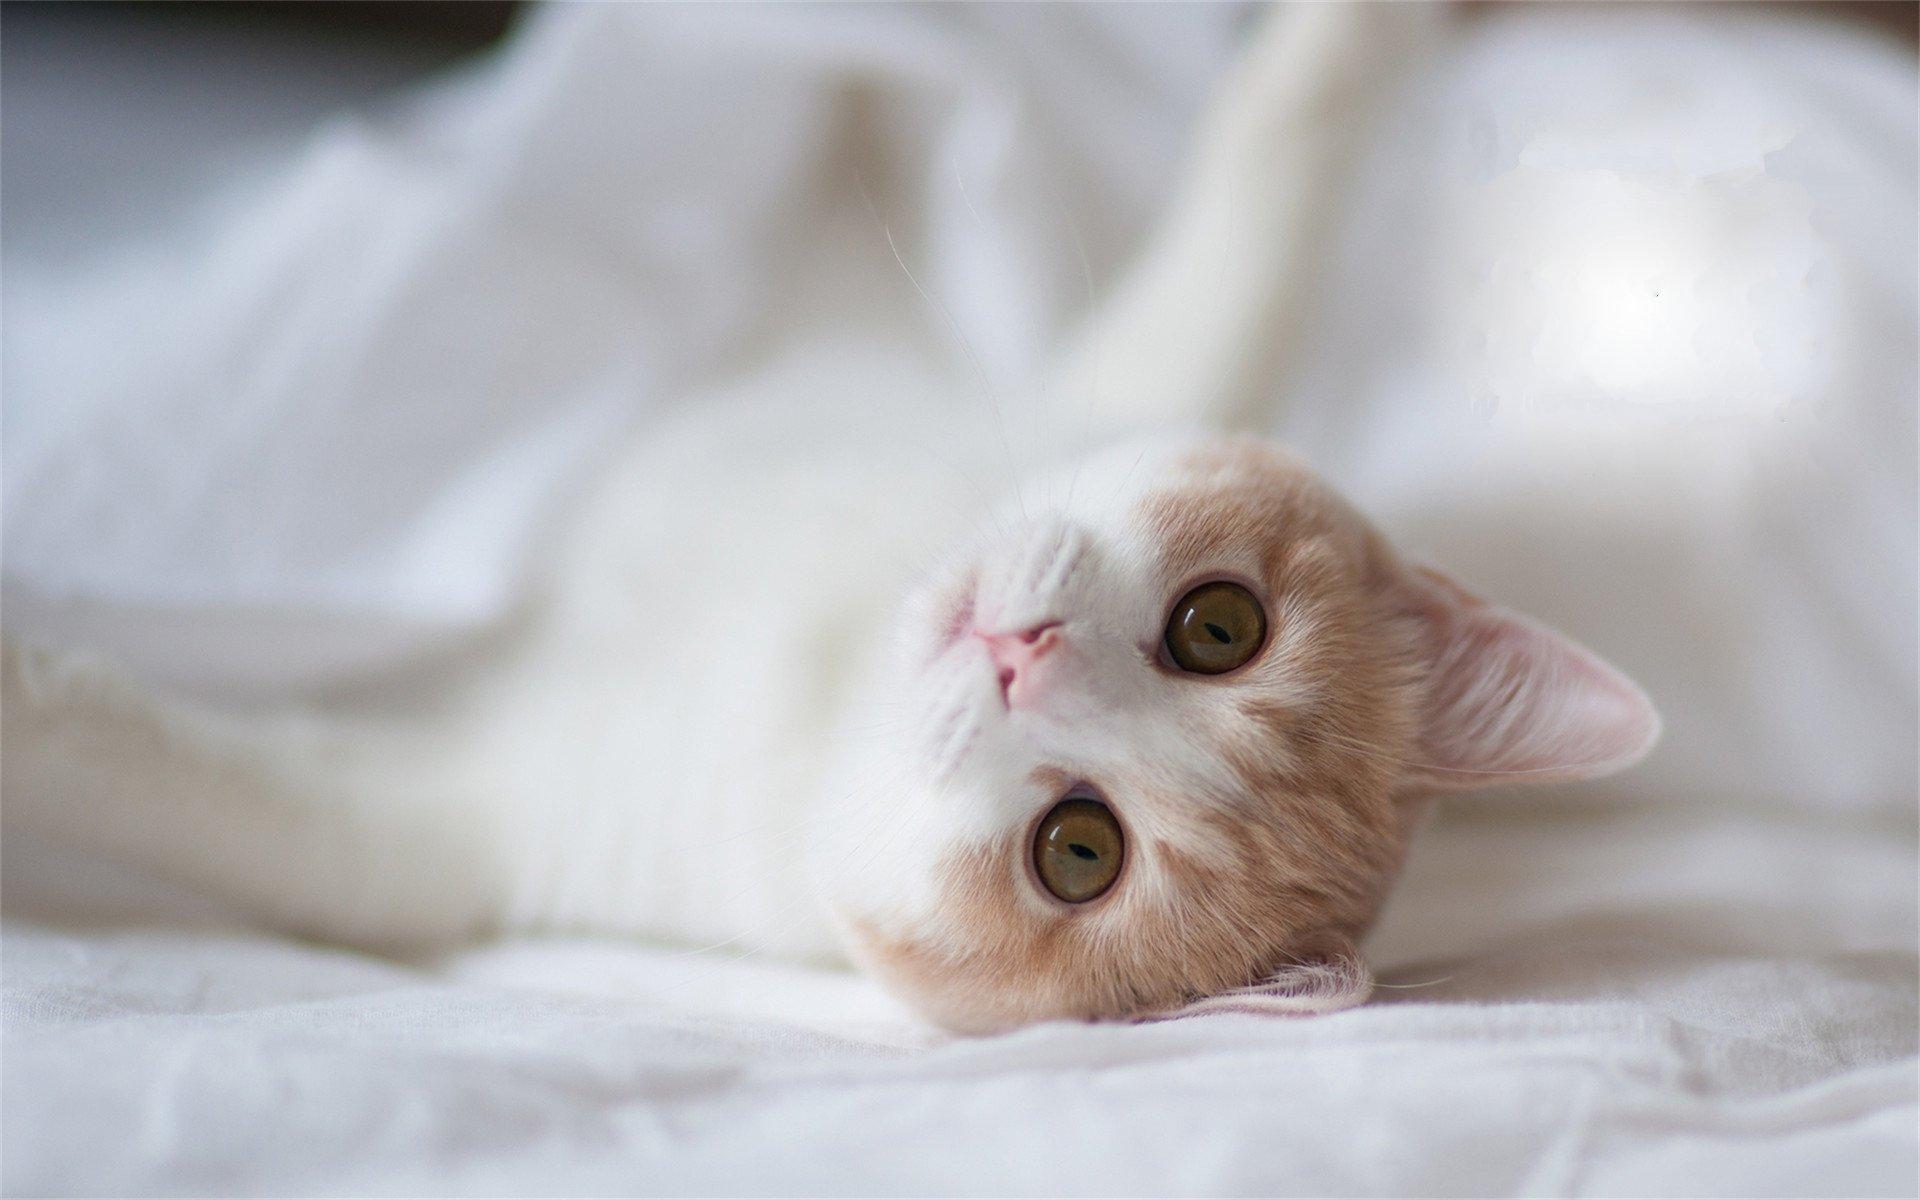 萌宠动物,卖萌图,猫,可爱